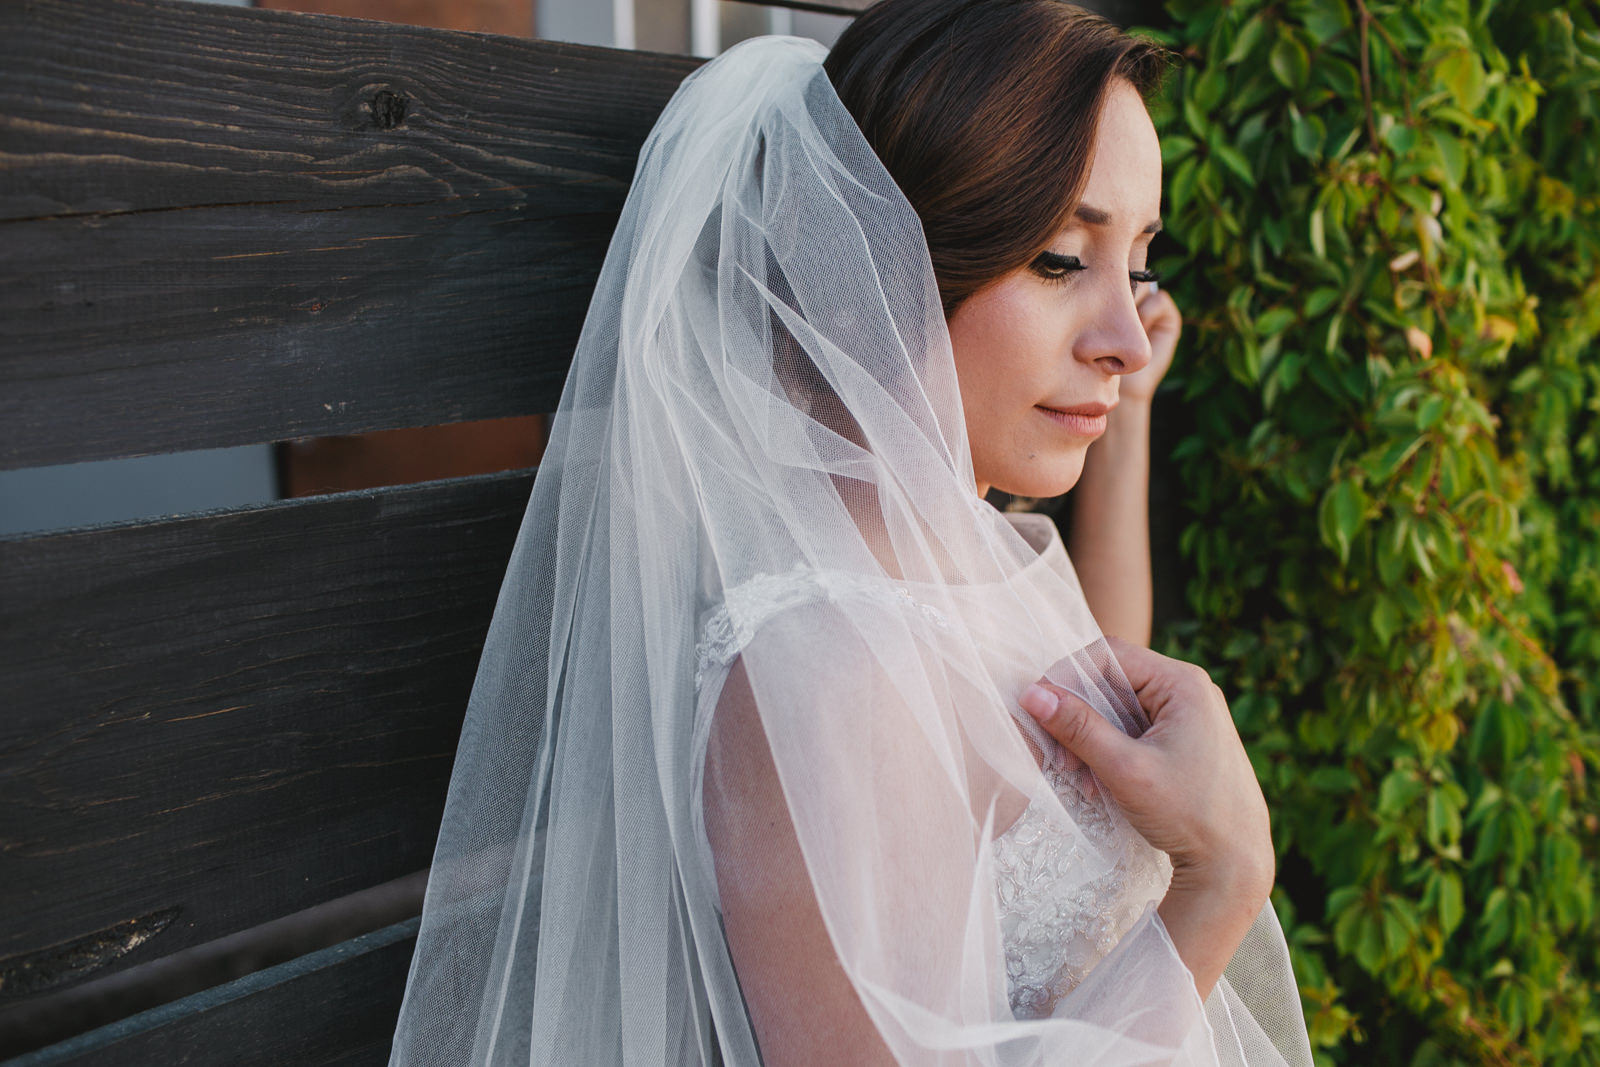 armando-aragon-fotografo-de-bodas-027